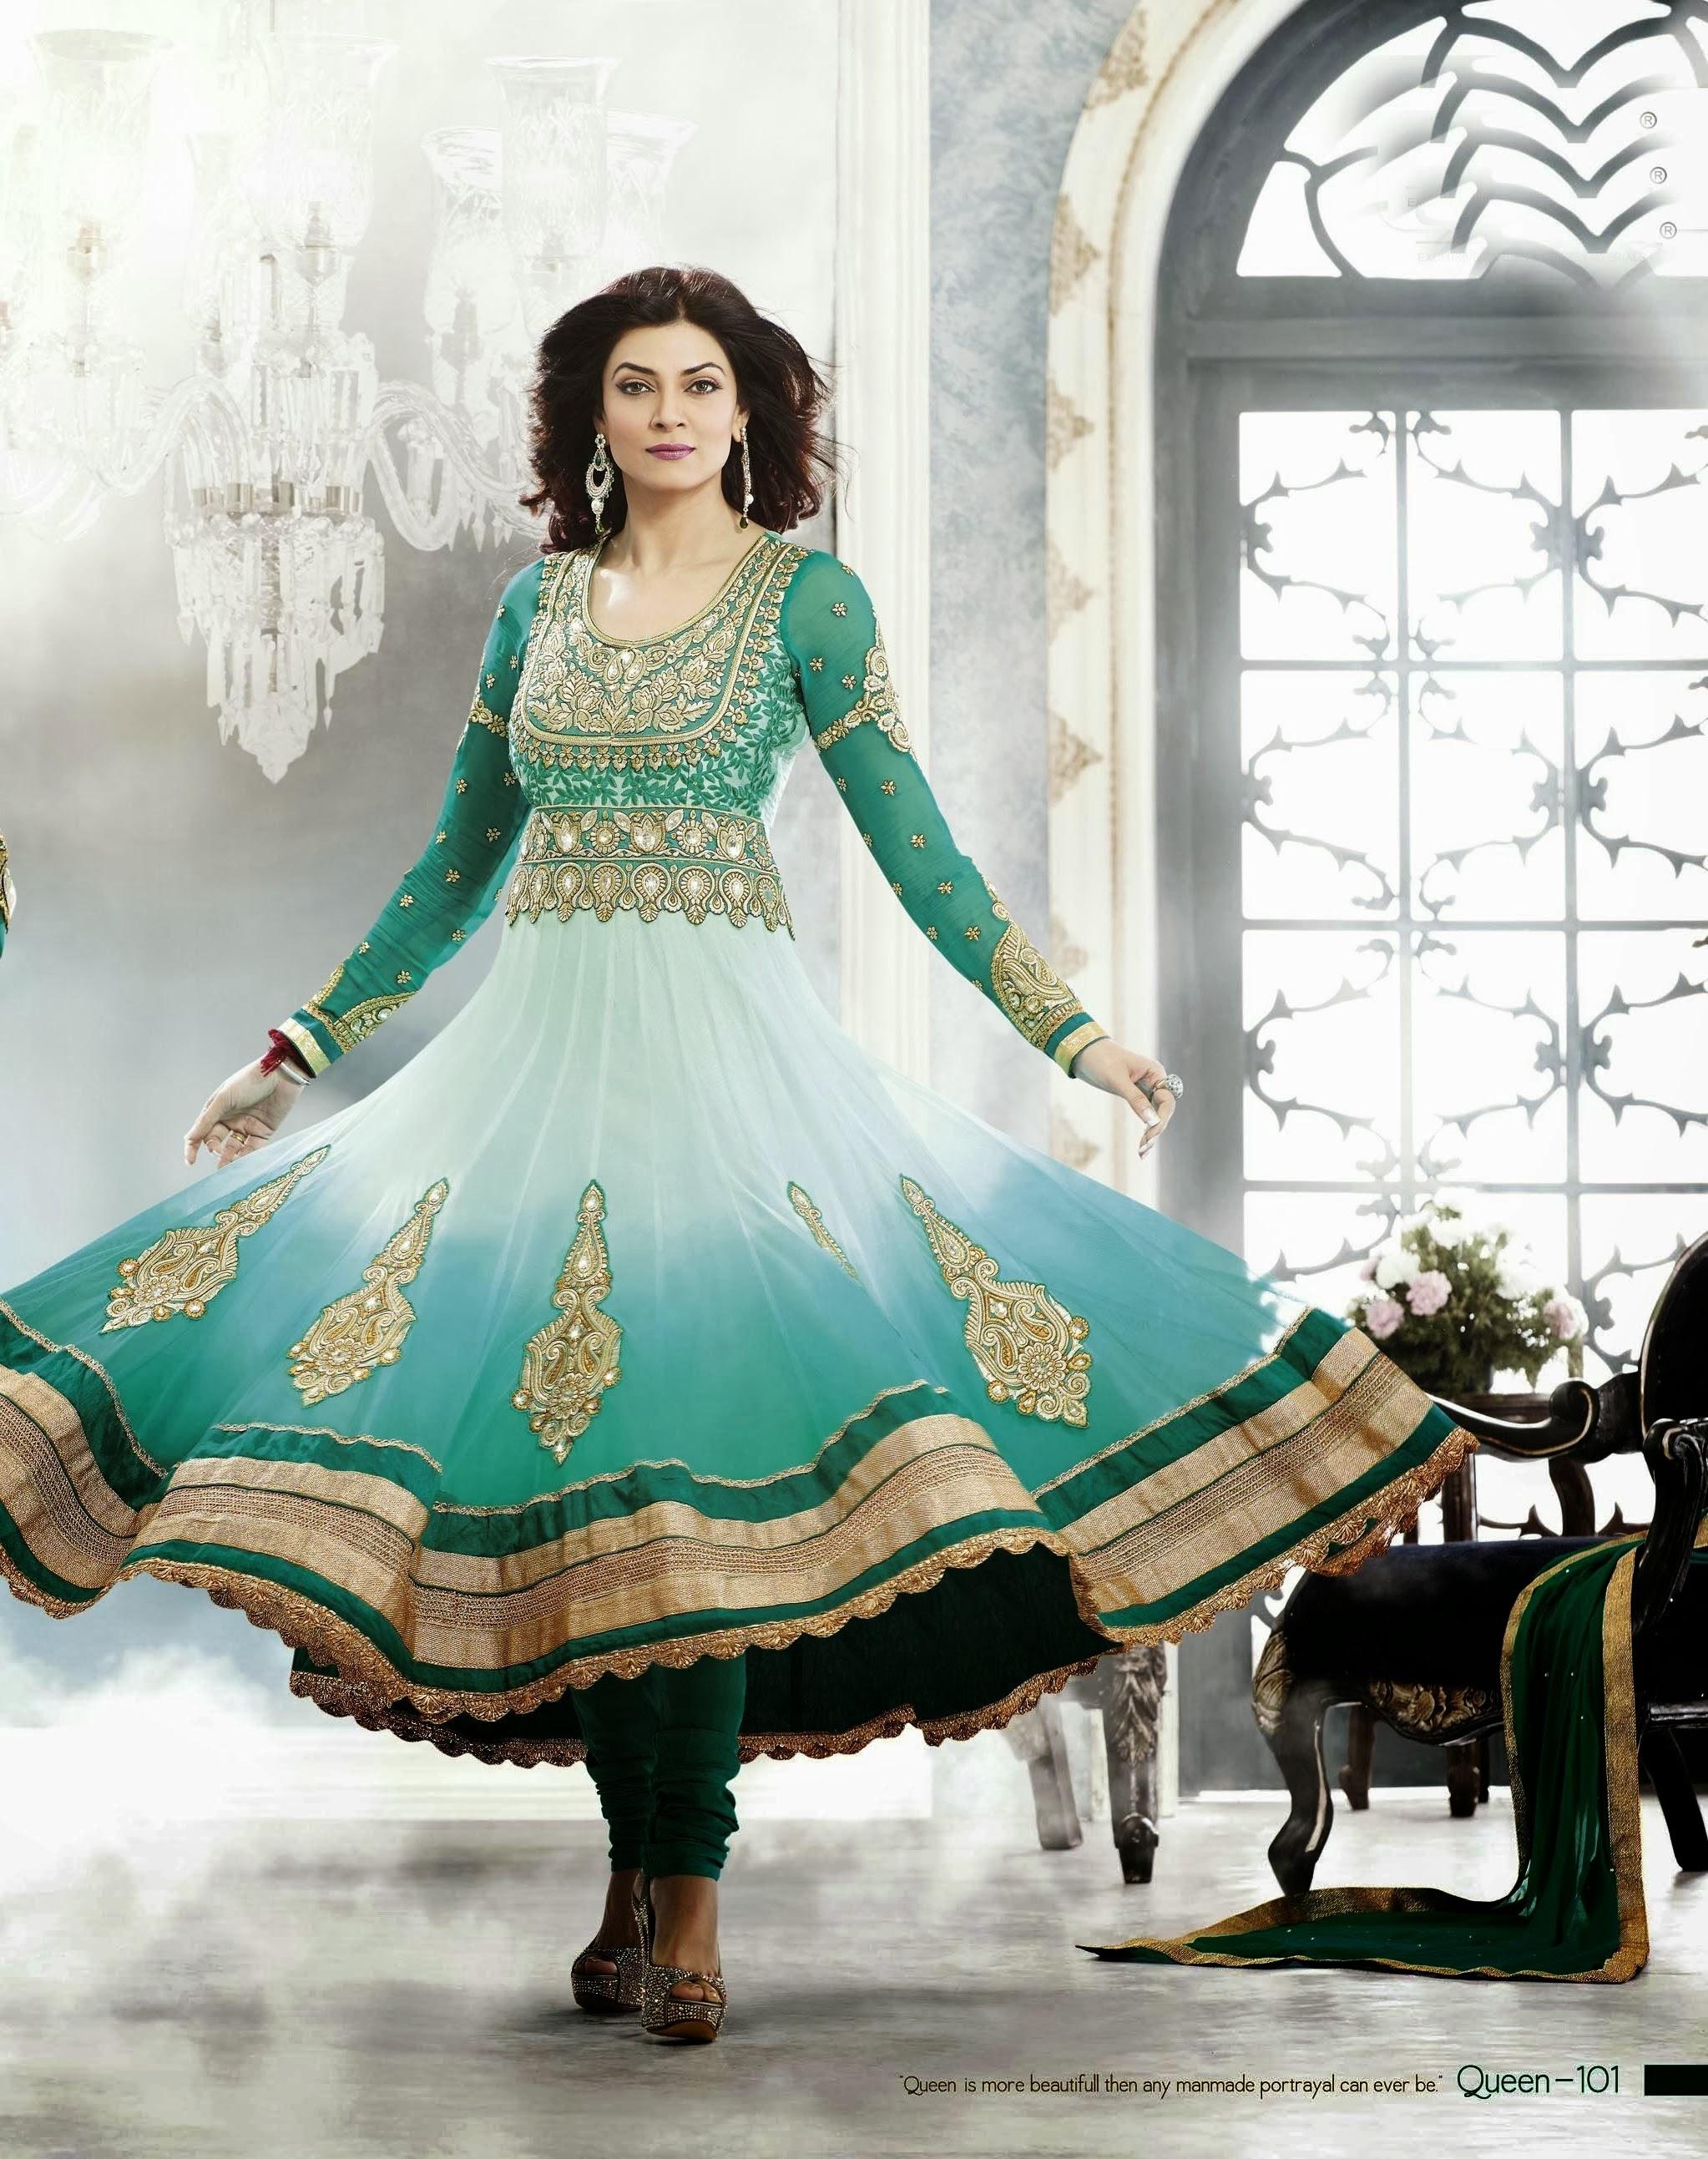 Online Shopping For Dresses Has Major Benefits ! – Krutika